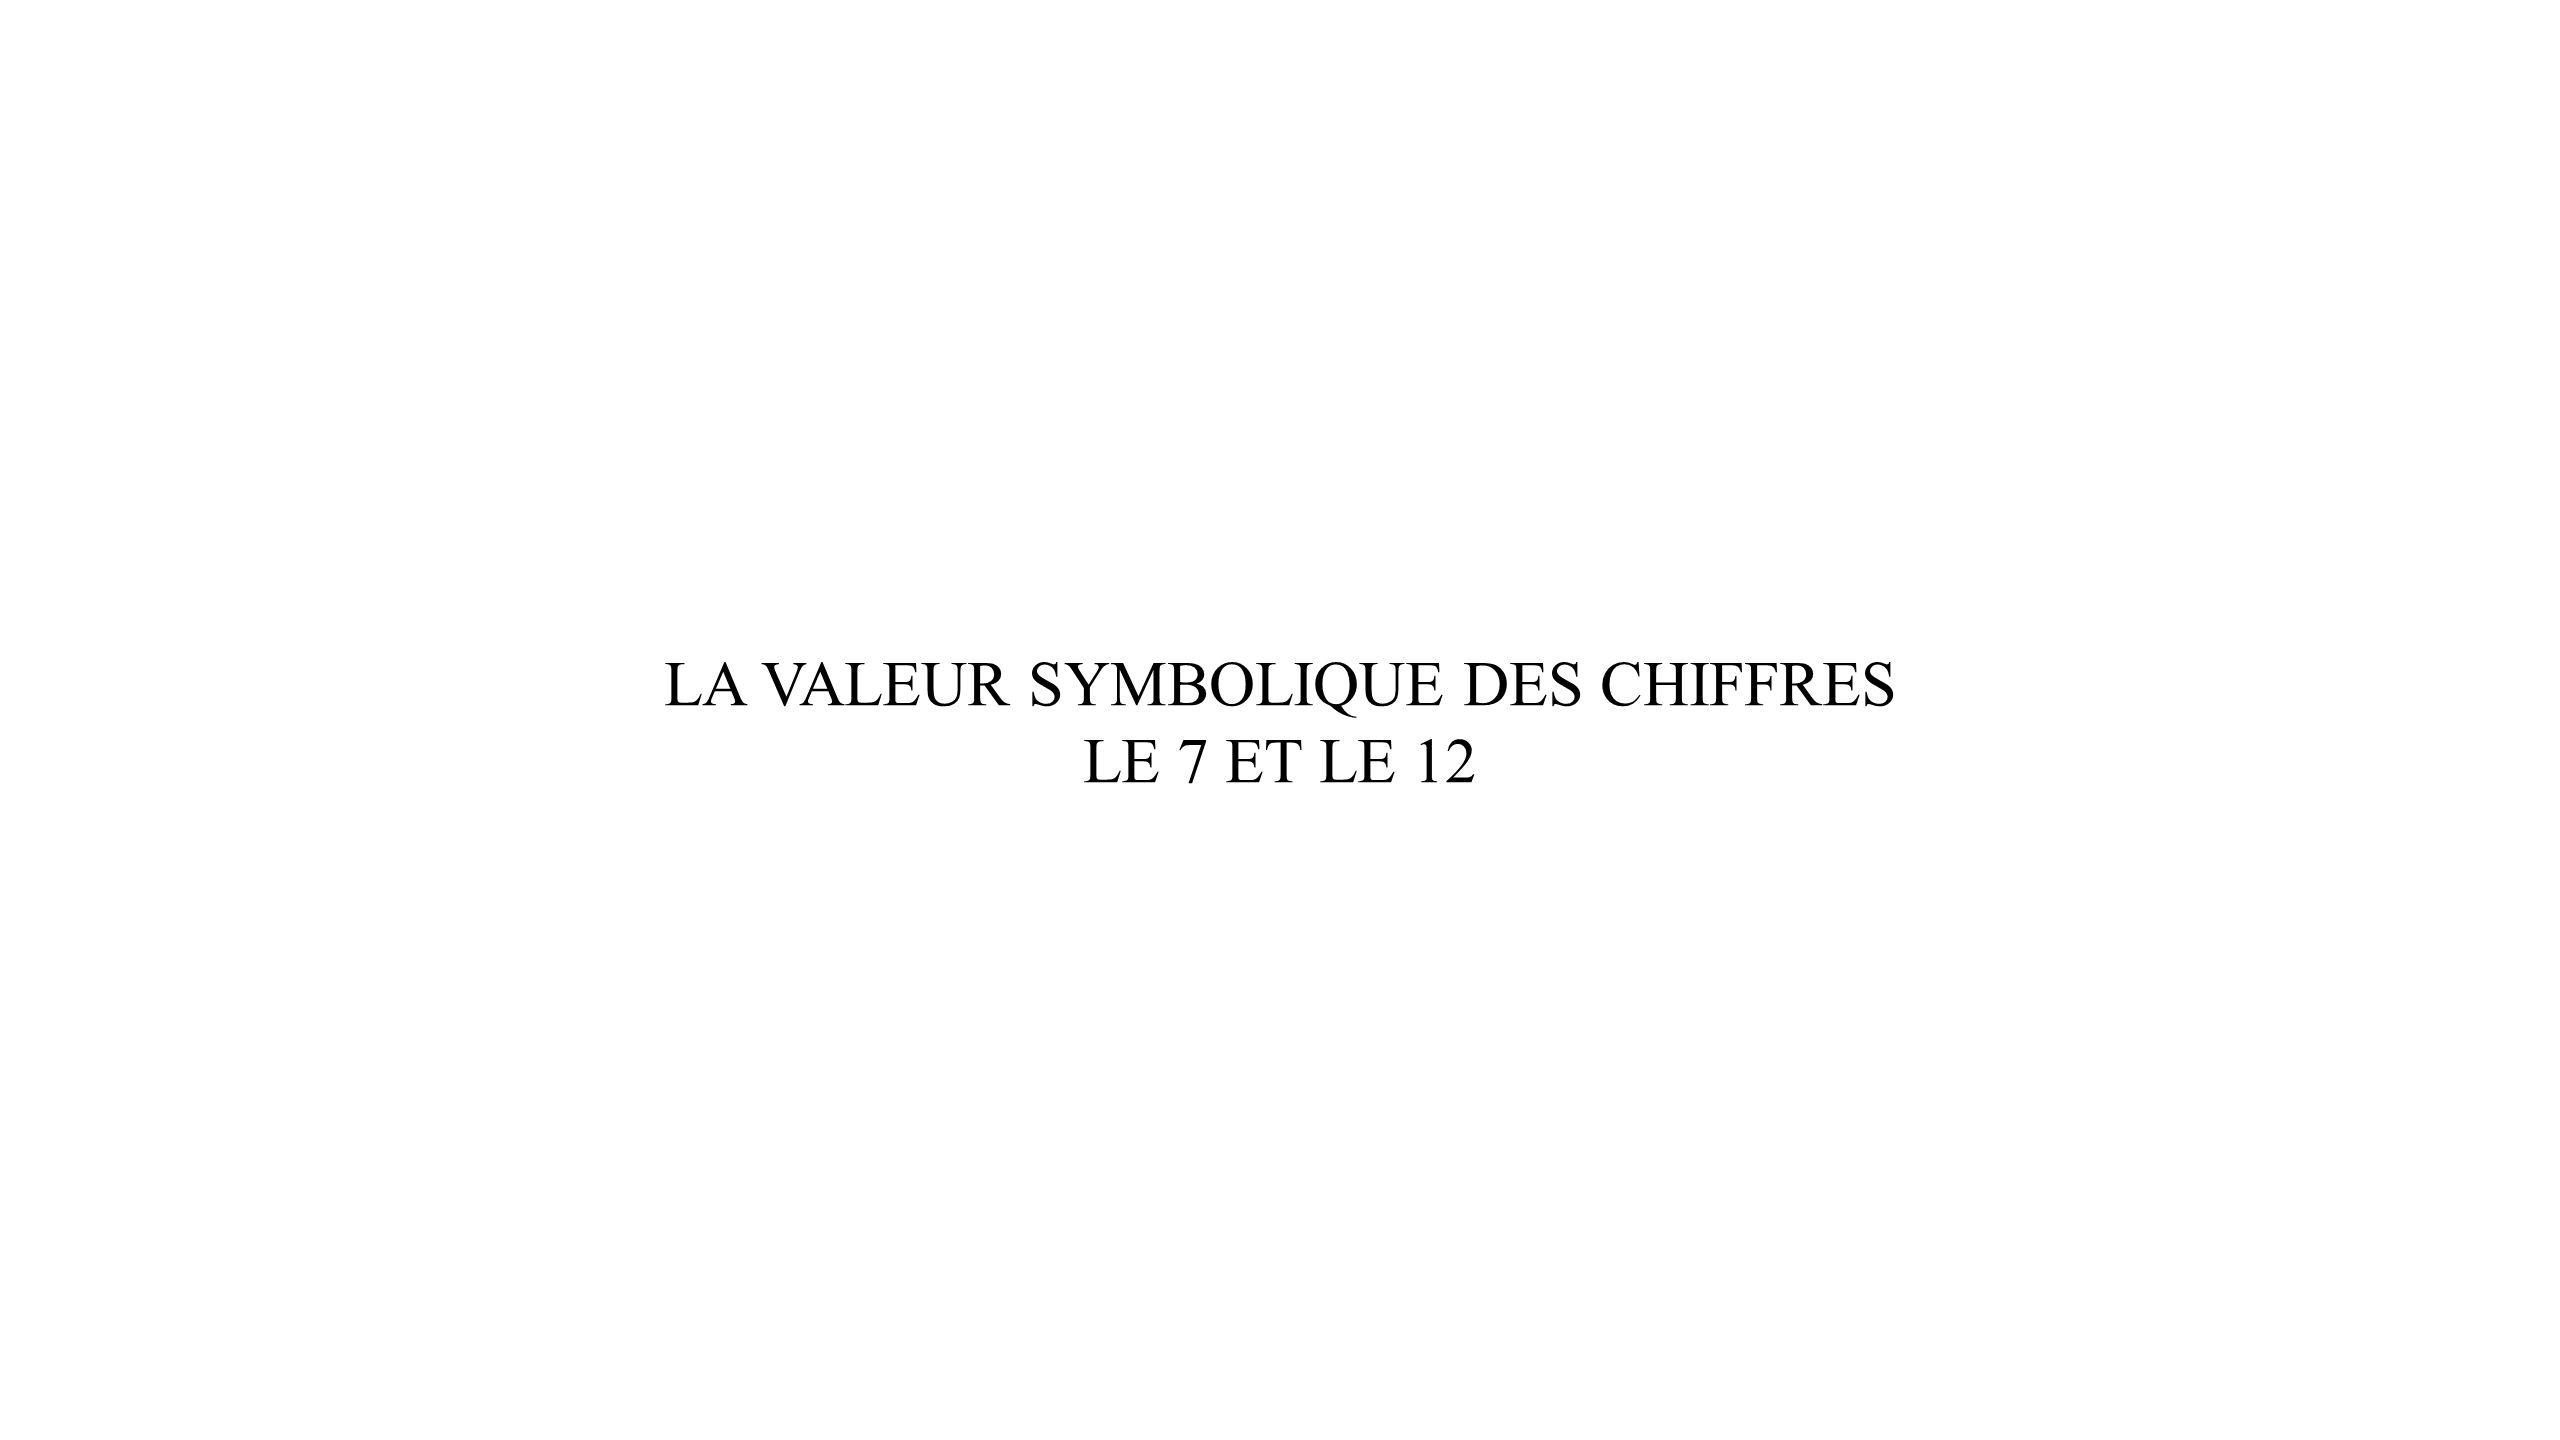 LA VALEUR SYMBOLIQUE DES CHIFFRES LE 7 ET LE 12